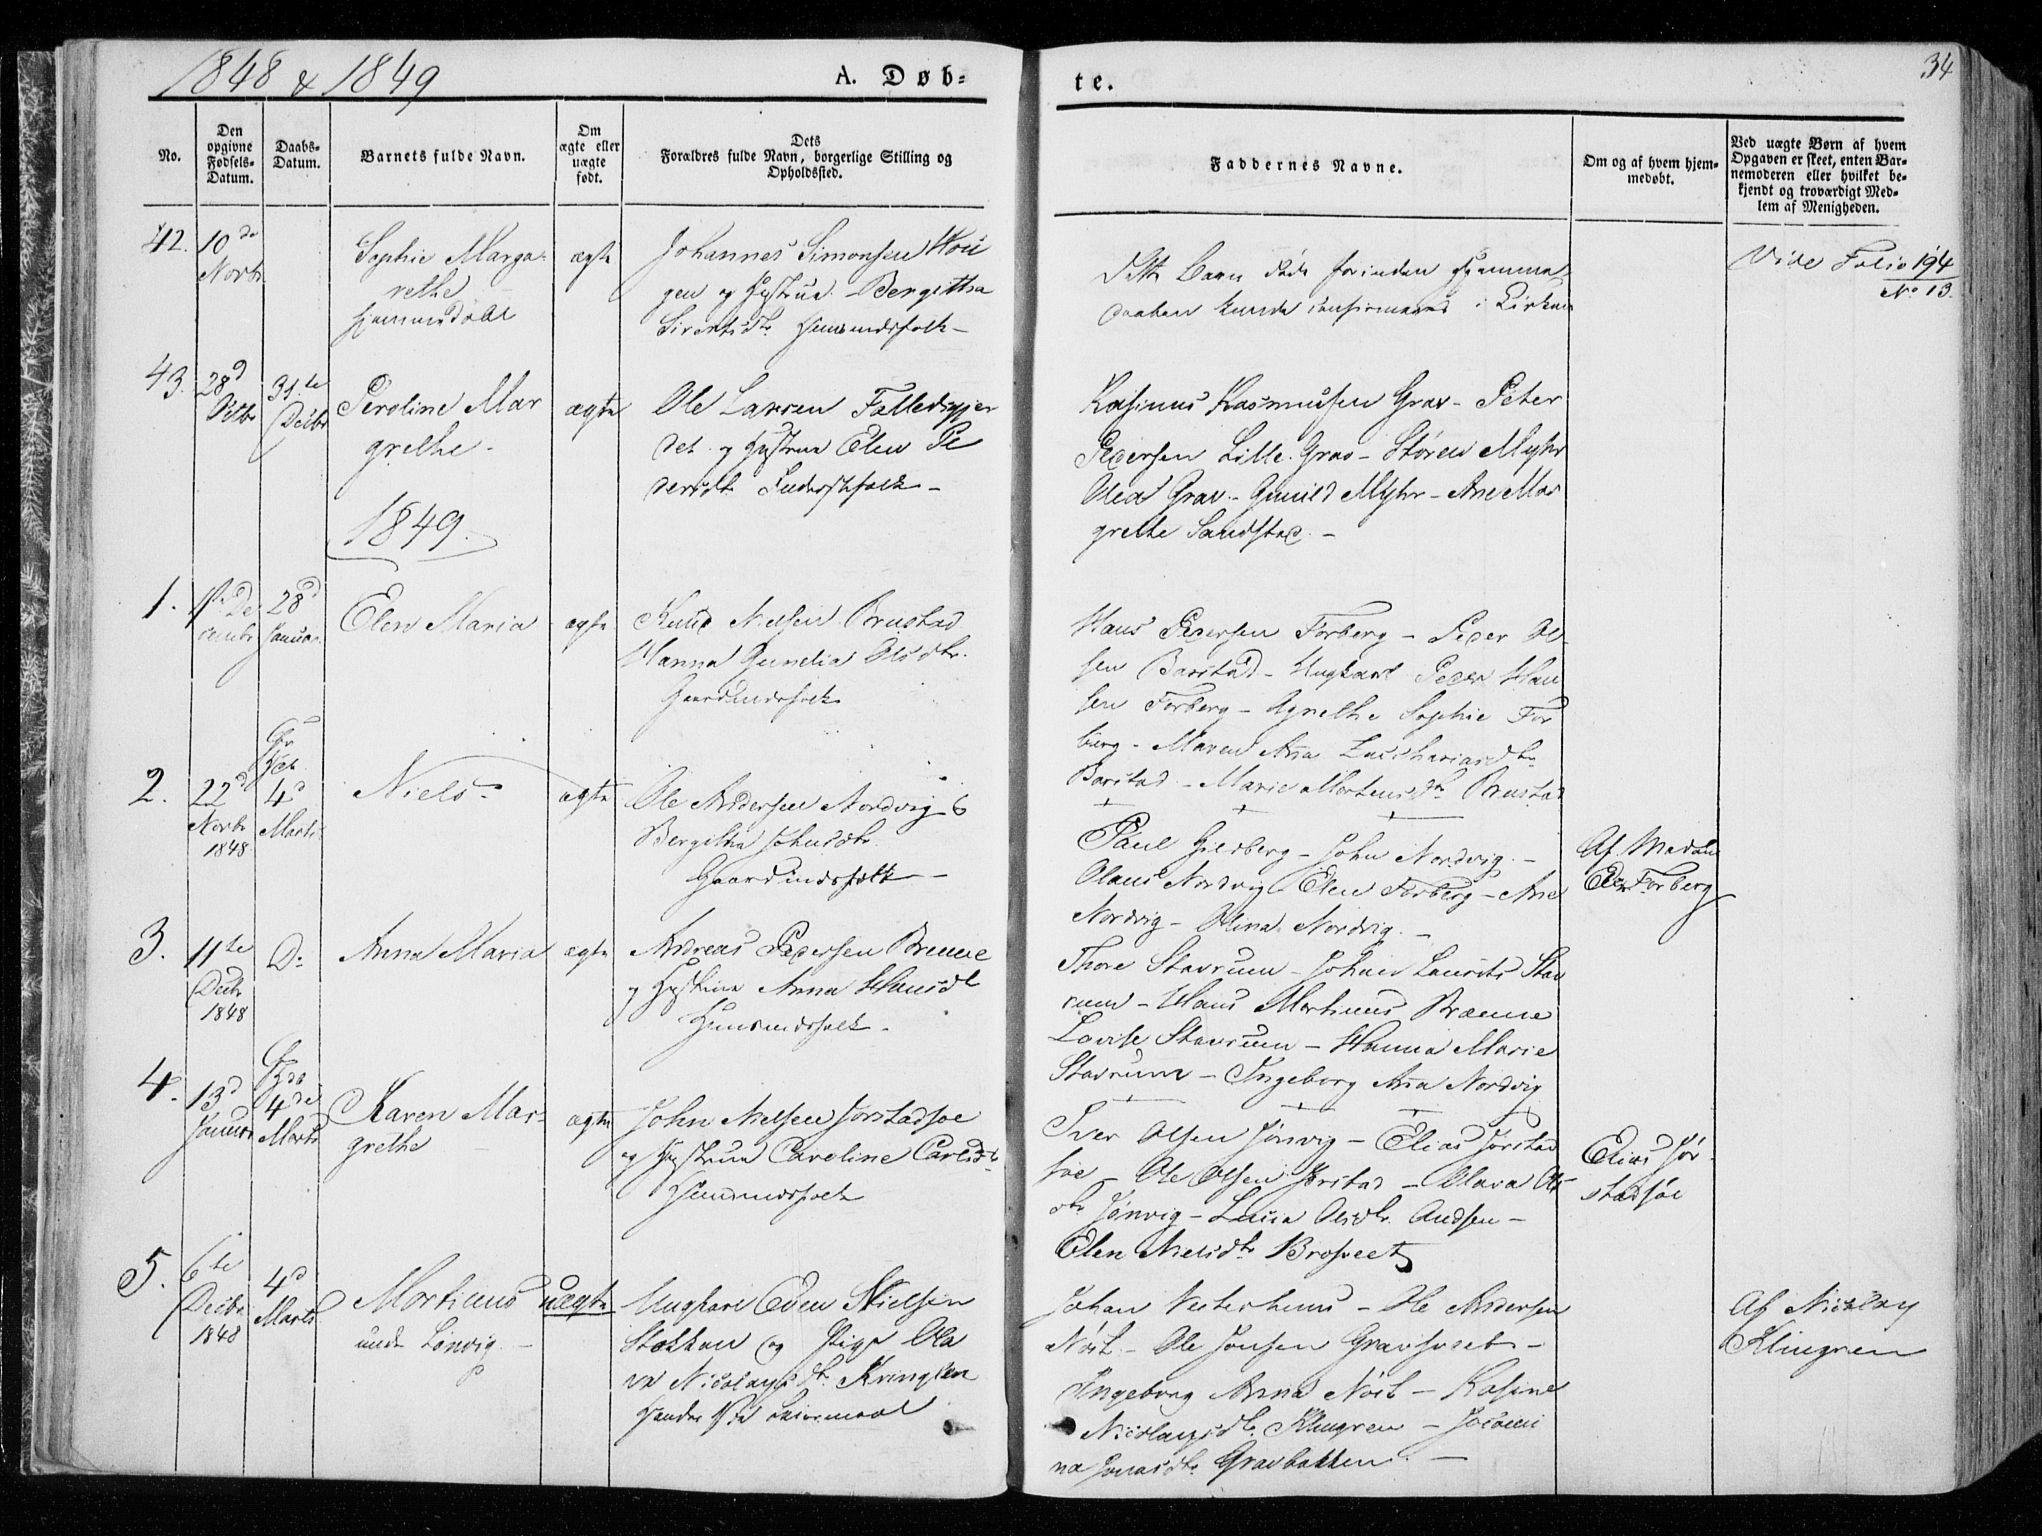 SAT, Ministerialprotokoller, klokkerbøker og fødselsregistre - Nord-Trøndelag, 722/L0218: Ministerialbok nr. 722A05, 1843-1868, s. 34